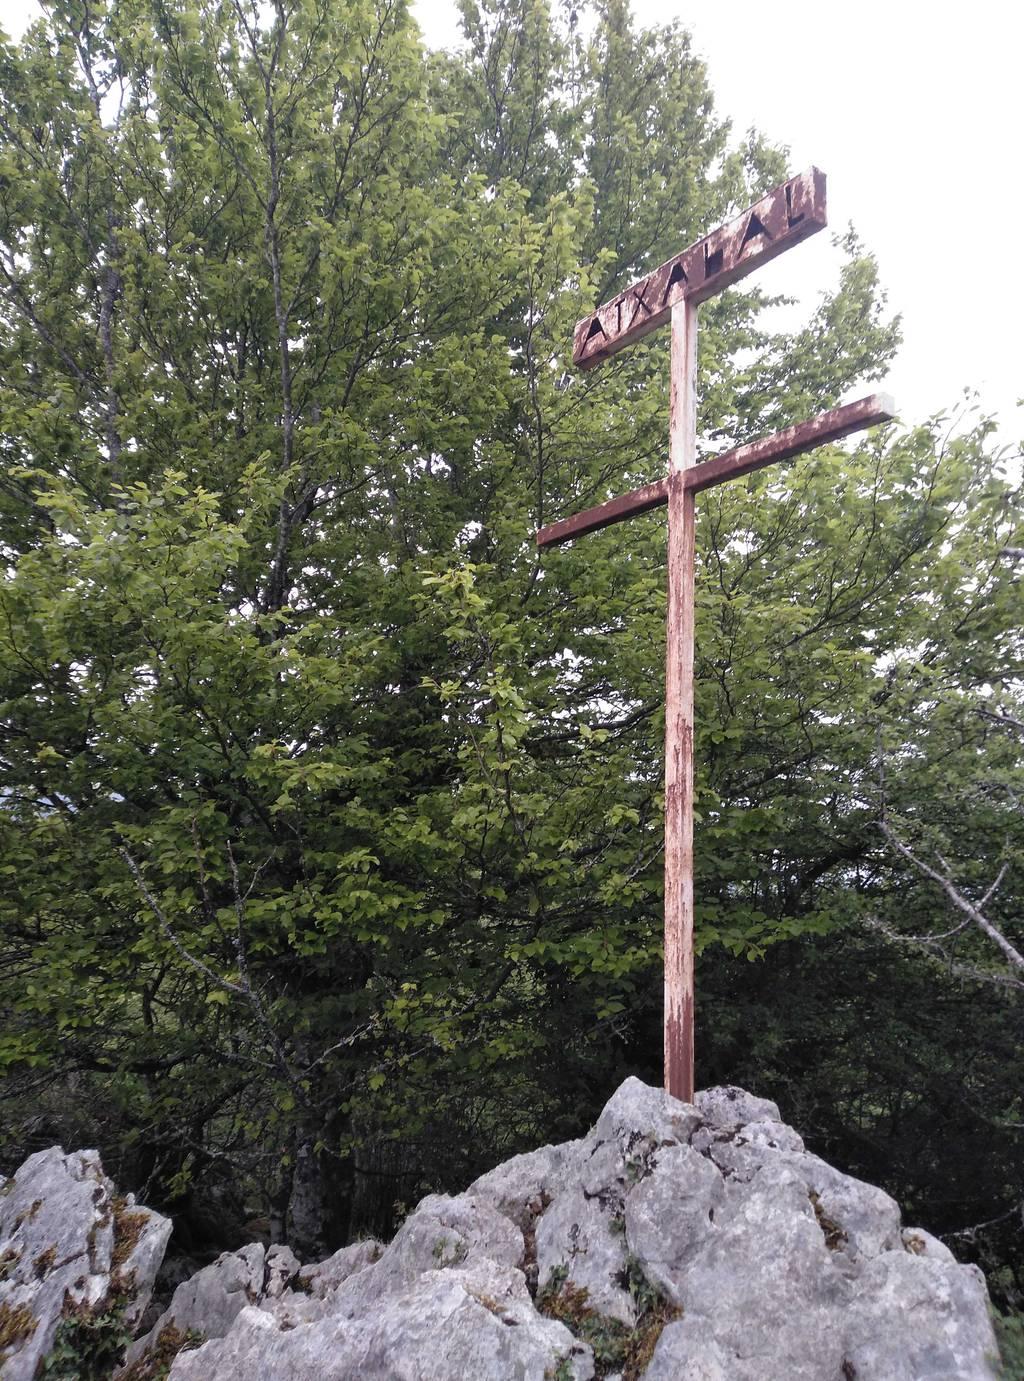 Josu Azpillaga erabiltzailea Atxabal / Txarabeltz puntan, 2021-05-06 19:19